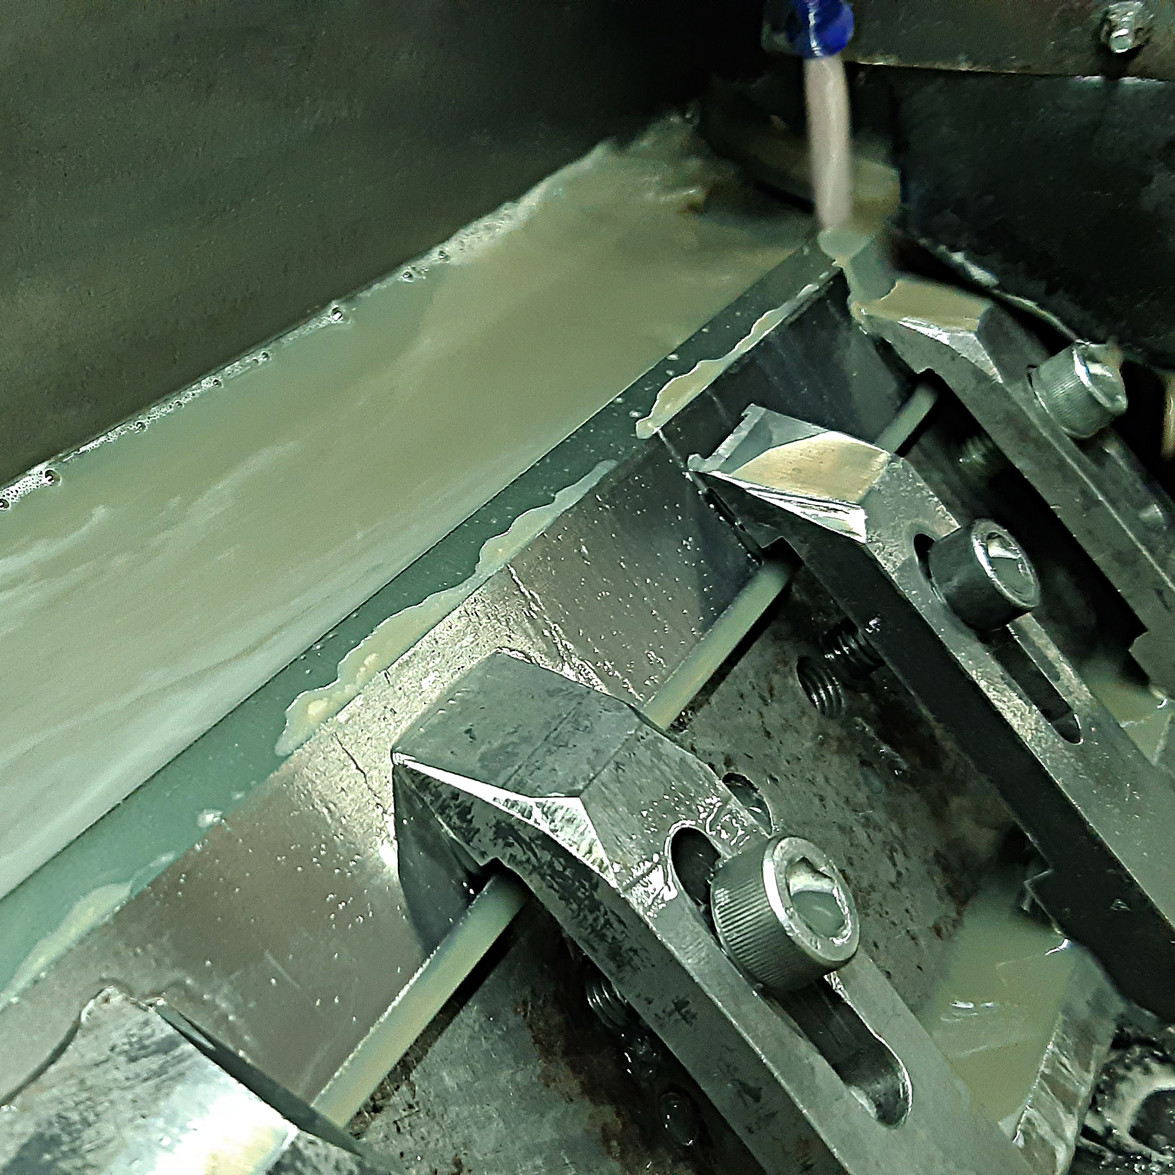 Заточка фуговальных (строгальных) ножей для фуганков и рейсмусов на станках с ЧПУ